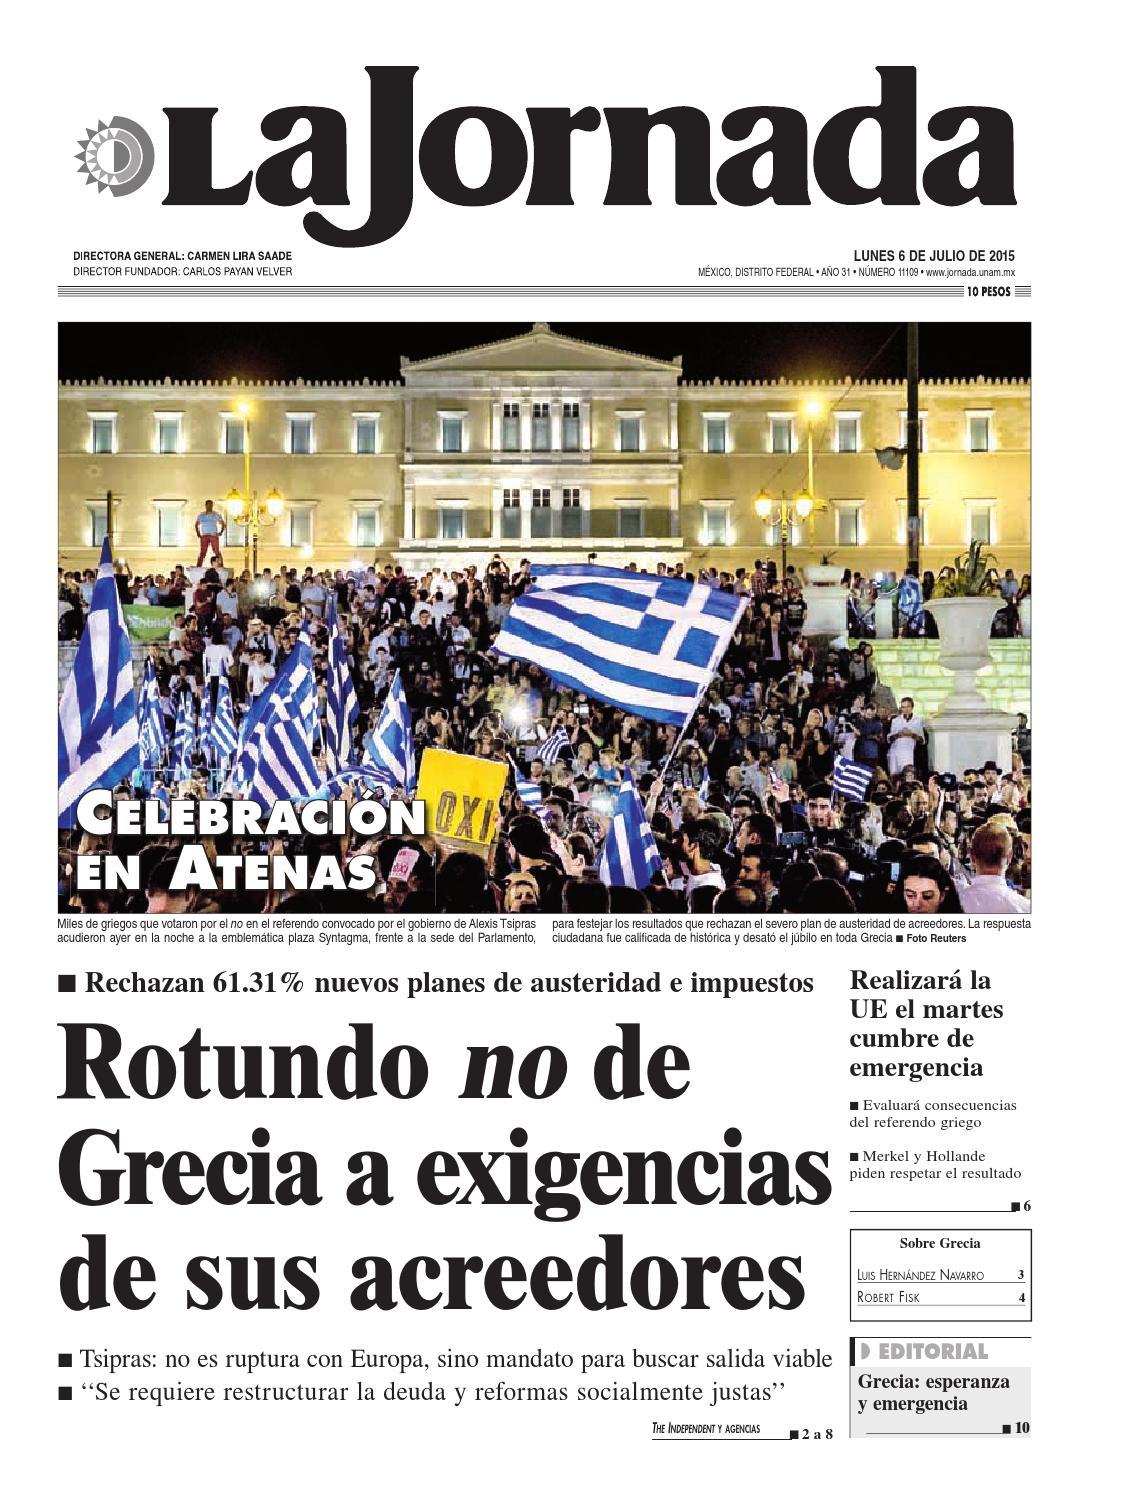 La Jornada, 07/06/2015 by La Jornada: DEMOS Desarrollo de Medios ...